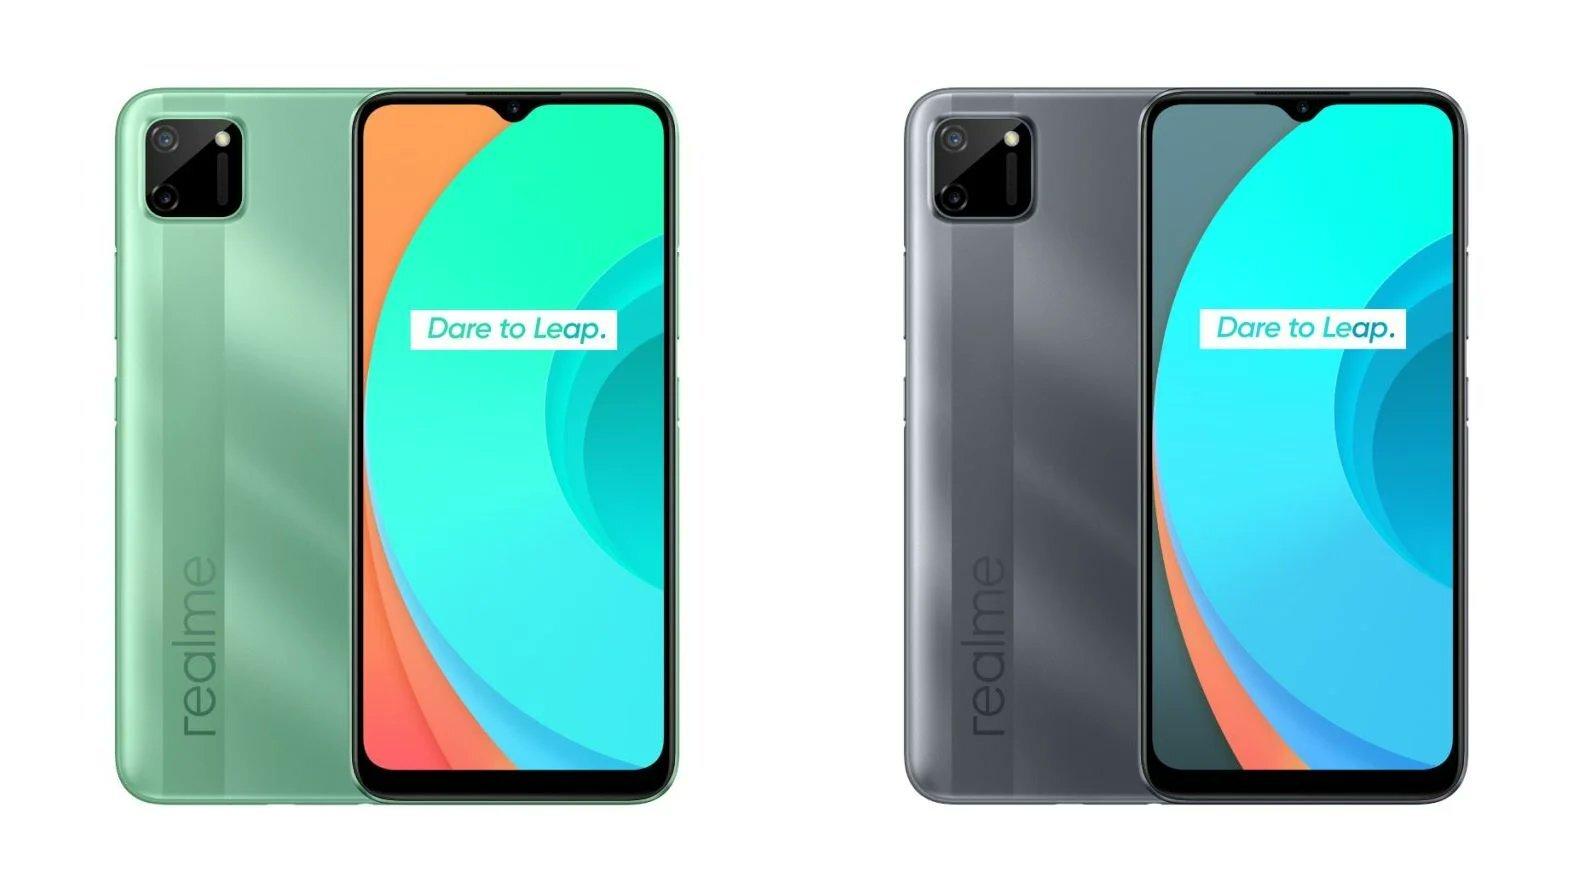 Realme официально анонсировала конкурента сверхбюджетным смартфонам Xiaomi